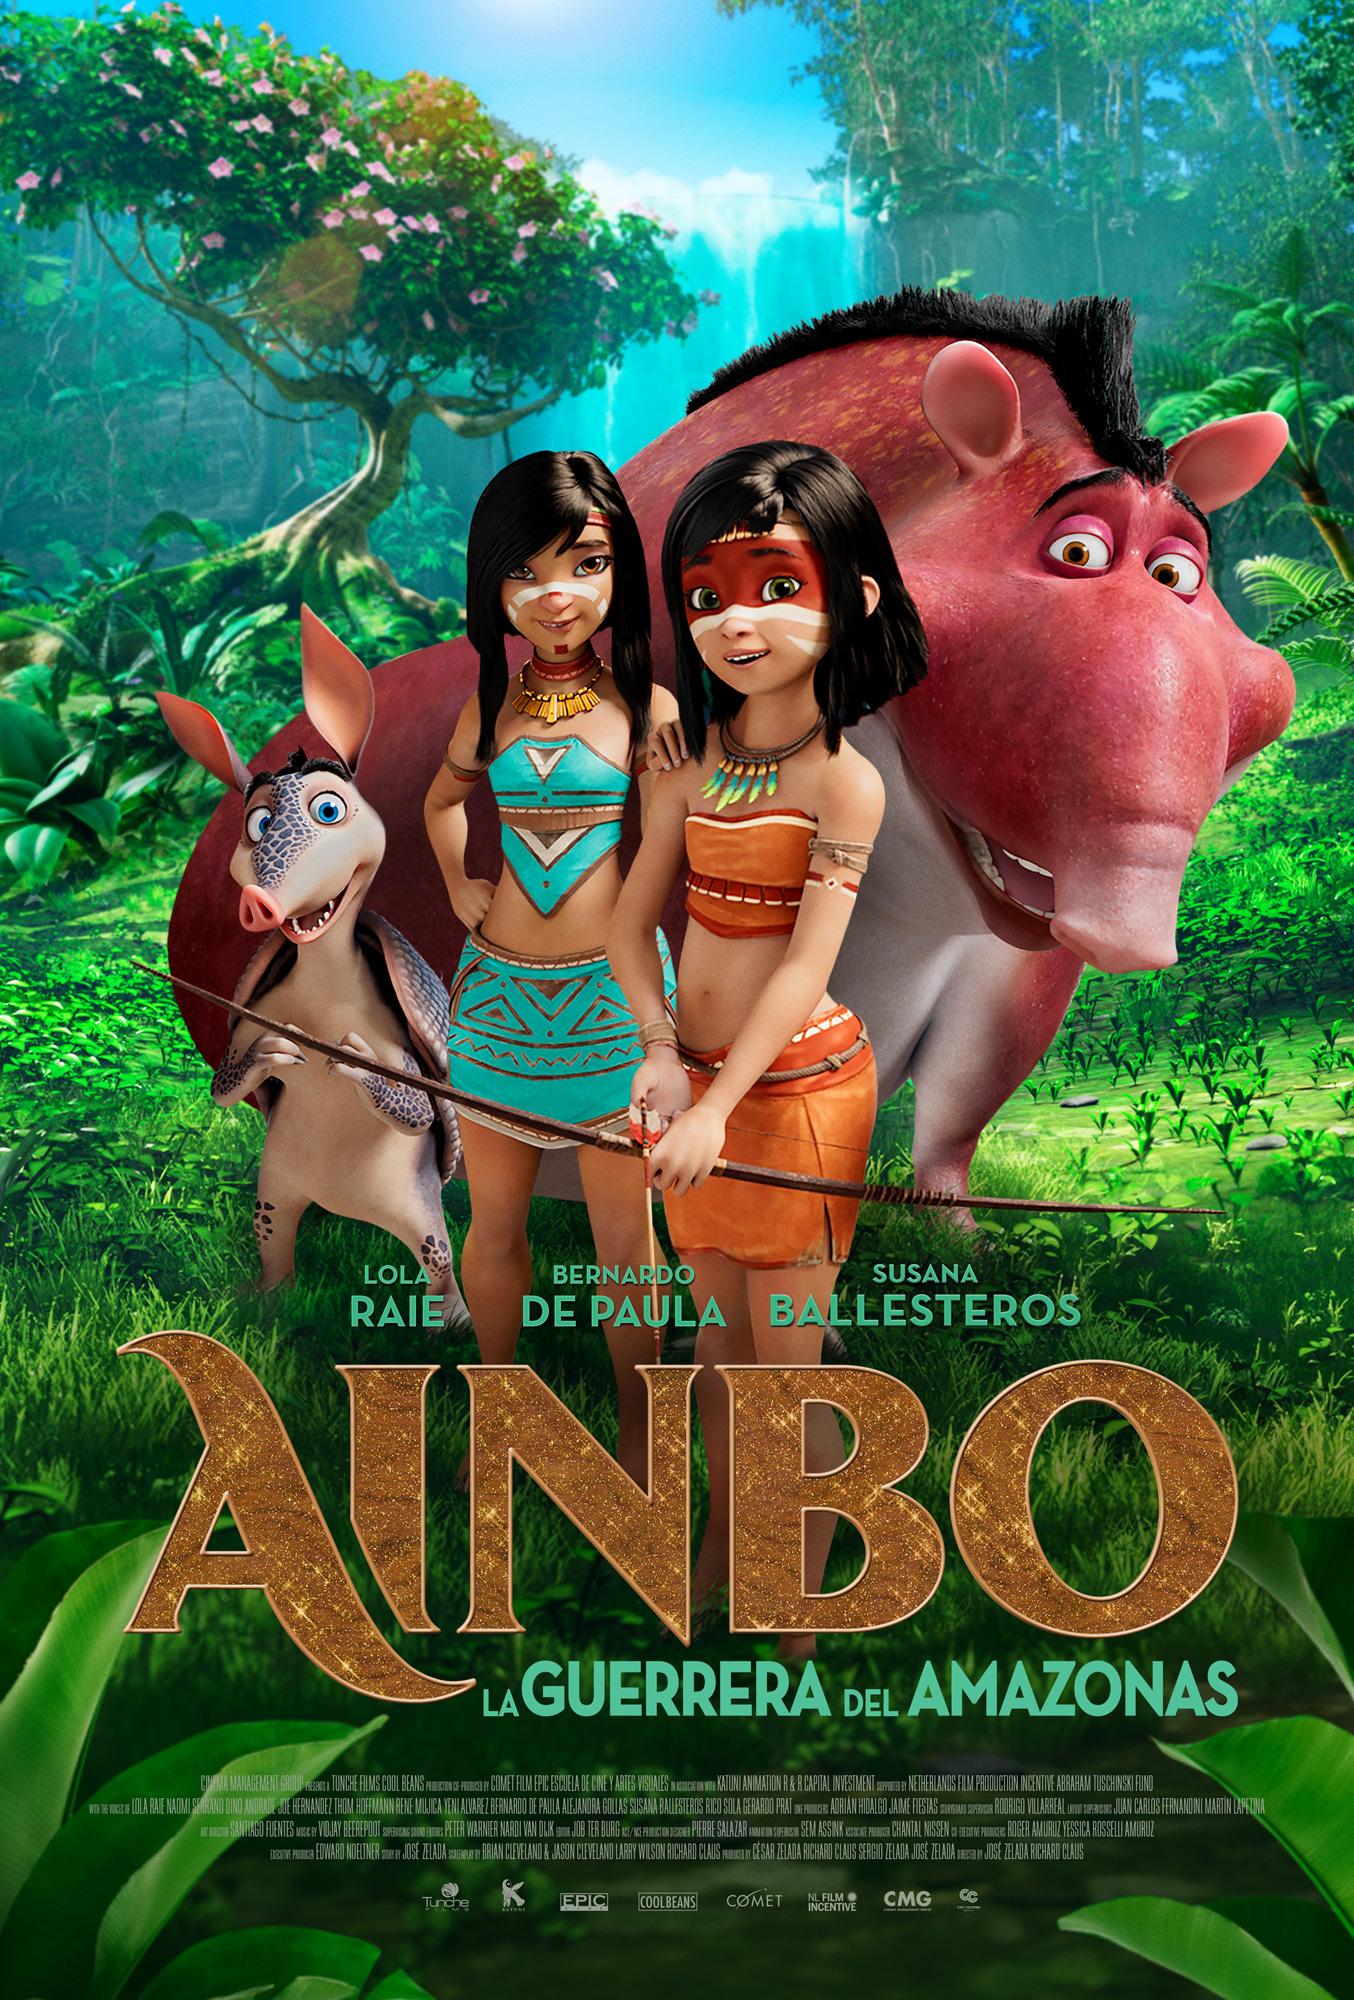 ainbo-guerrera-amazonas-fecha-estreno-trailer-2021